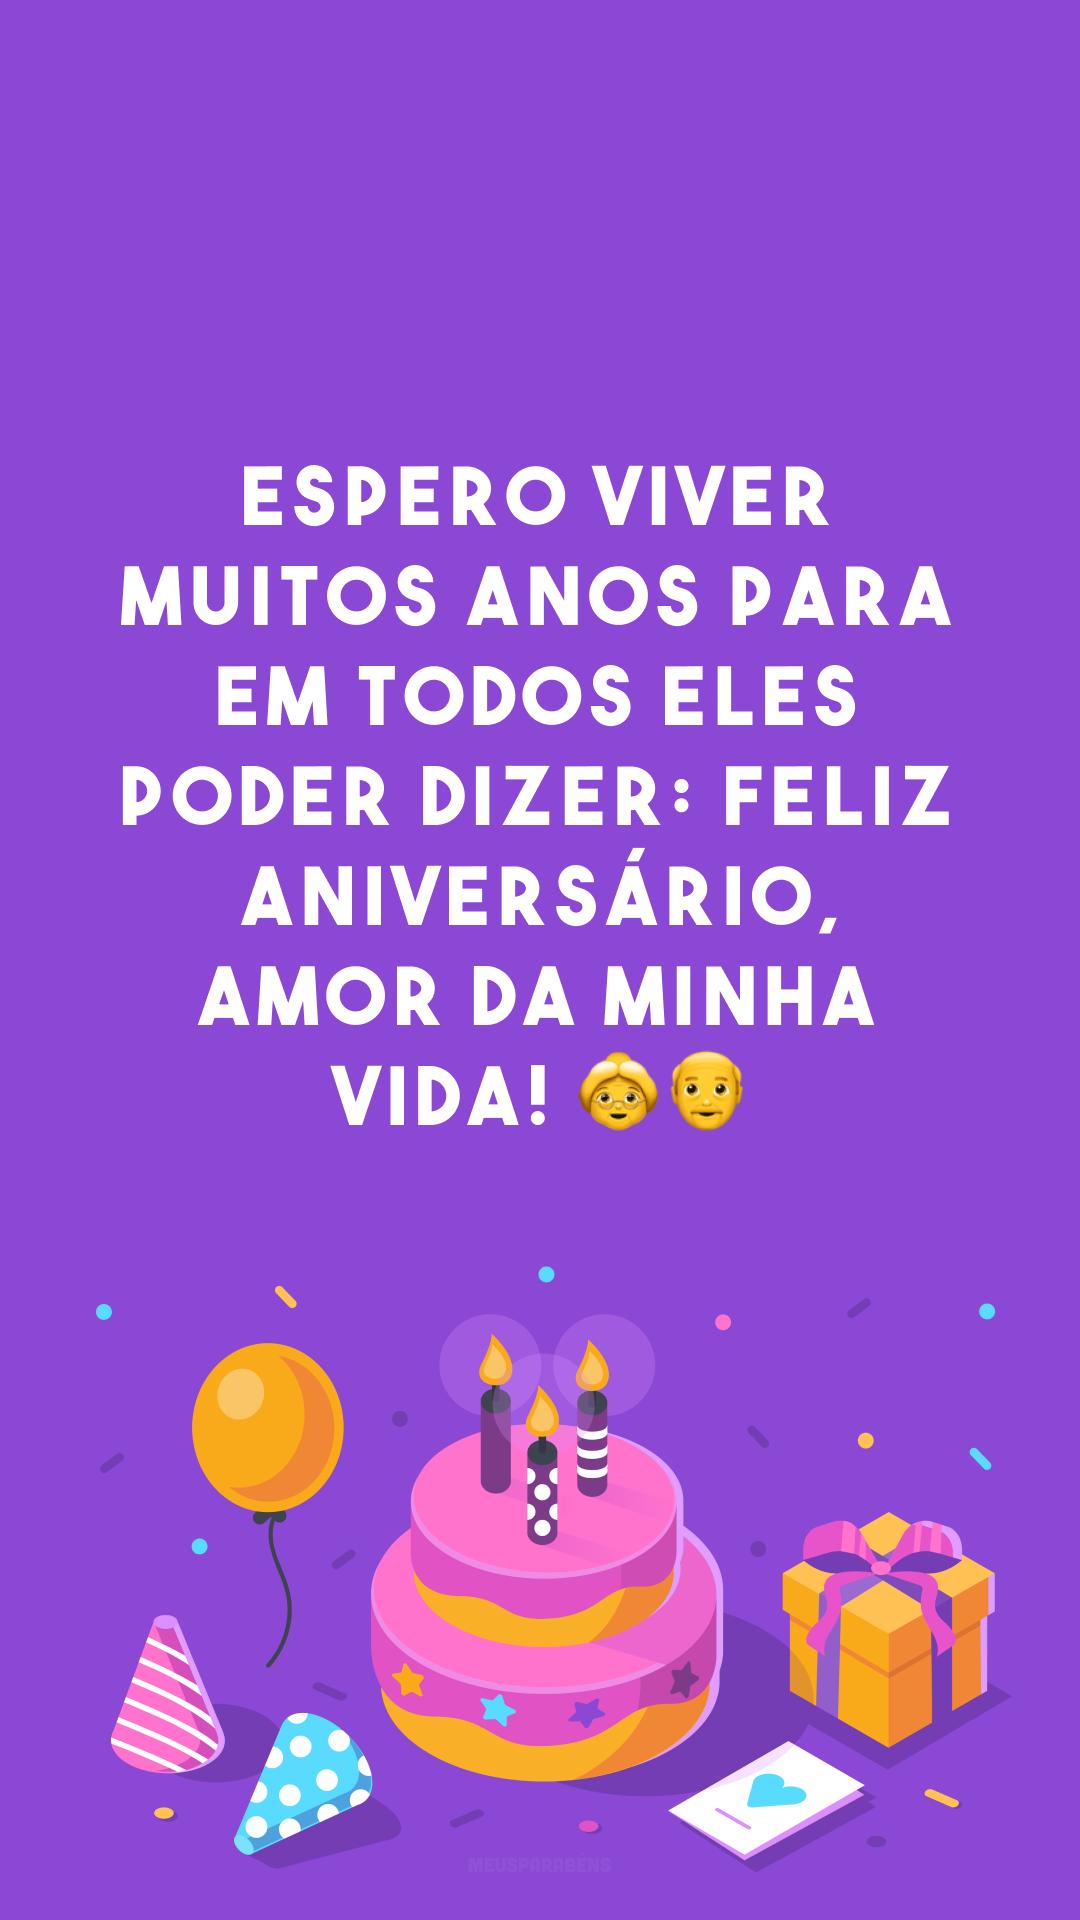 Espero viver muitos anos para em todos eles poder dizer: feliz aniversário, amor da minha vida! 👵👴